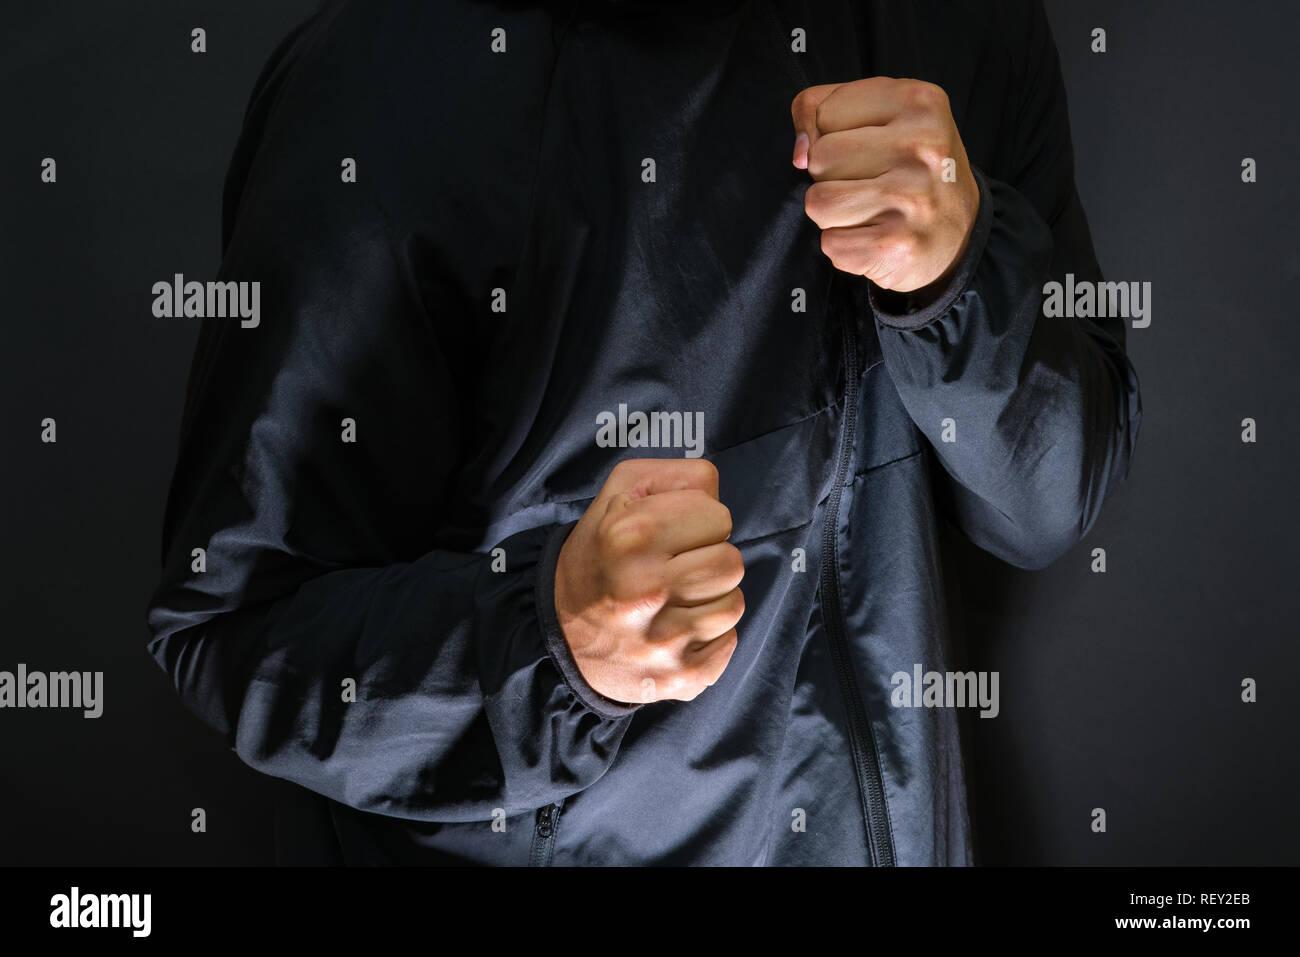 La violence et la criminalité dans les rues, l'effet glitch numérique, victime est perforé et agressé par l'homme violent agressif en veste de sécurité CCTV, camer Photo Stock